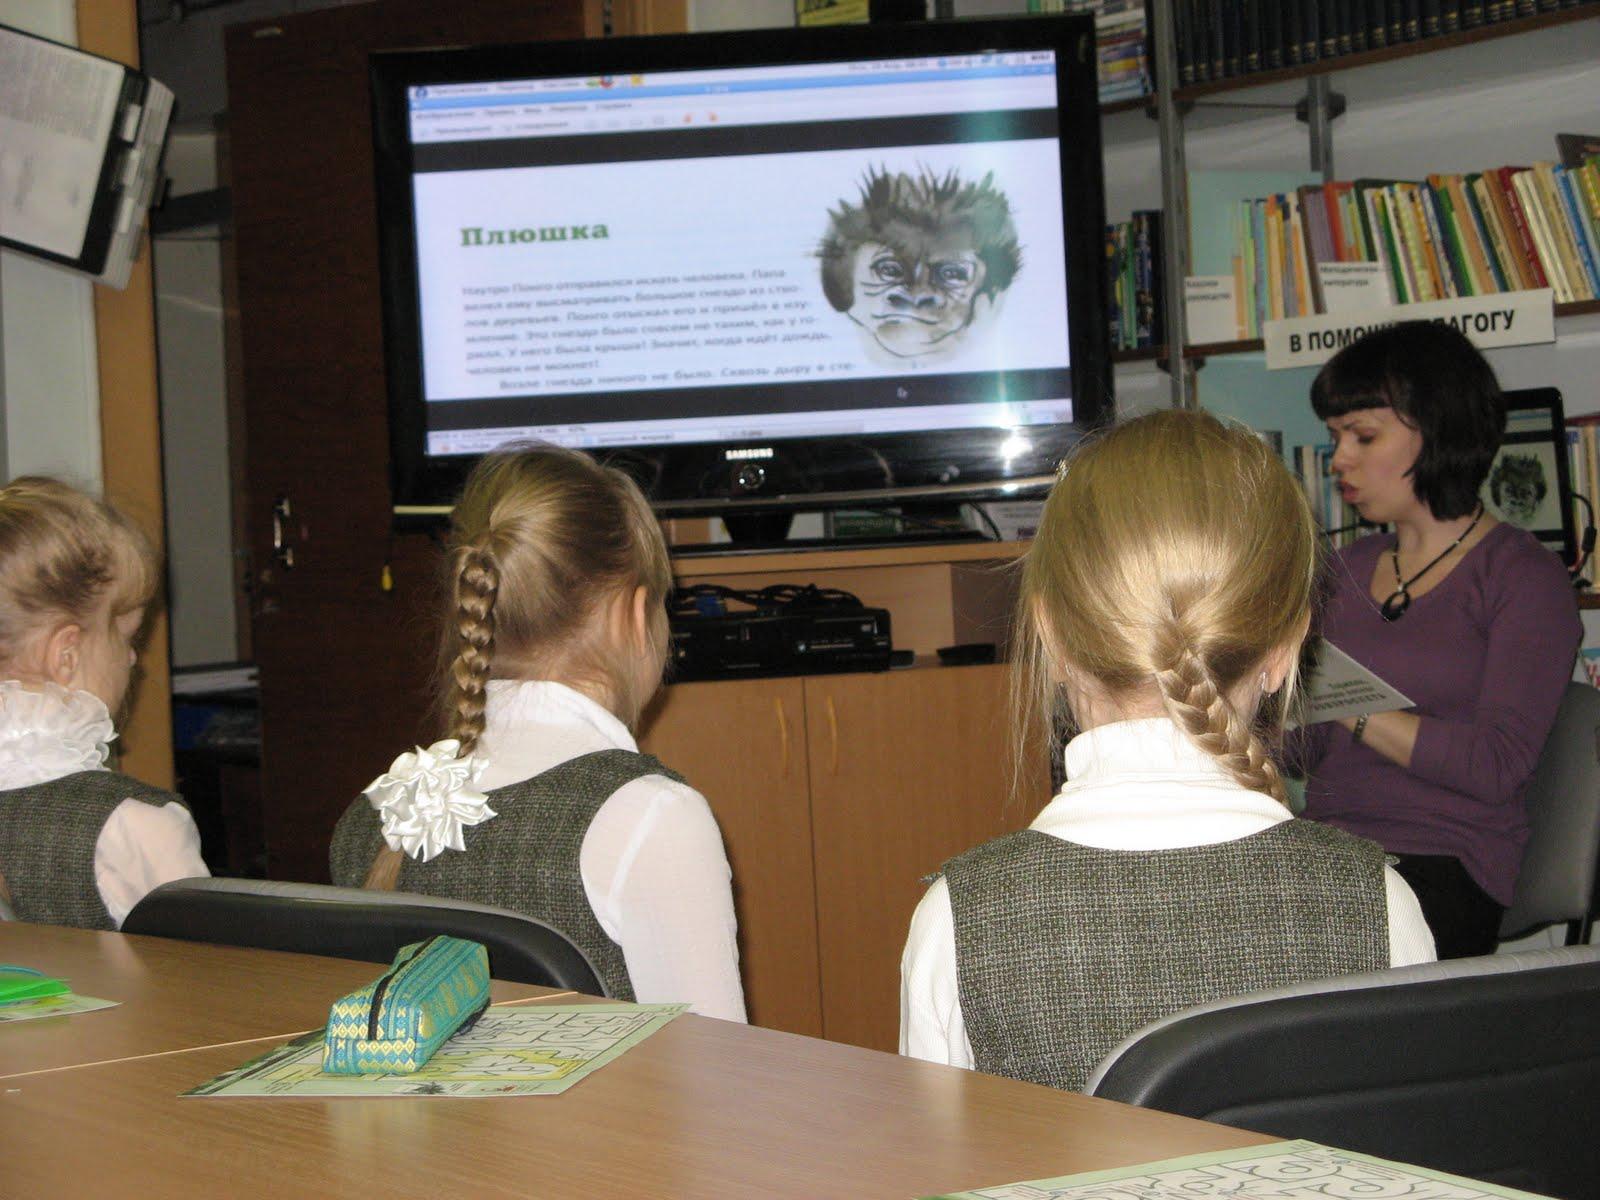 Ролик новоуральск их учителей, В сеть попало хоум-видео школьных учителей из 2 фотография